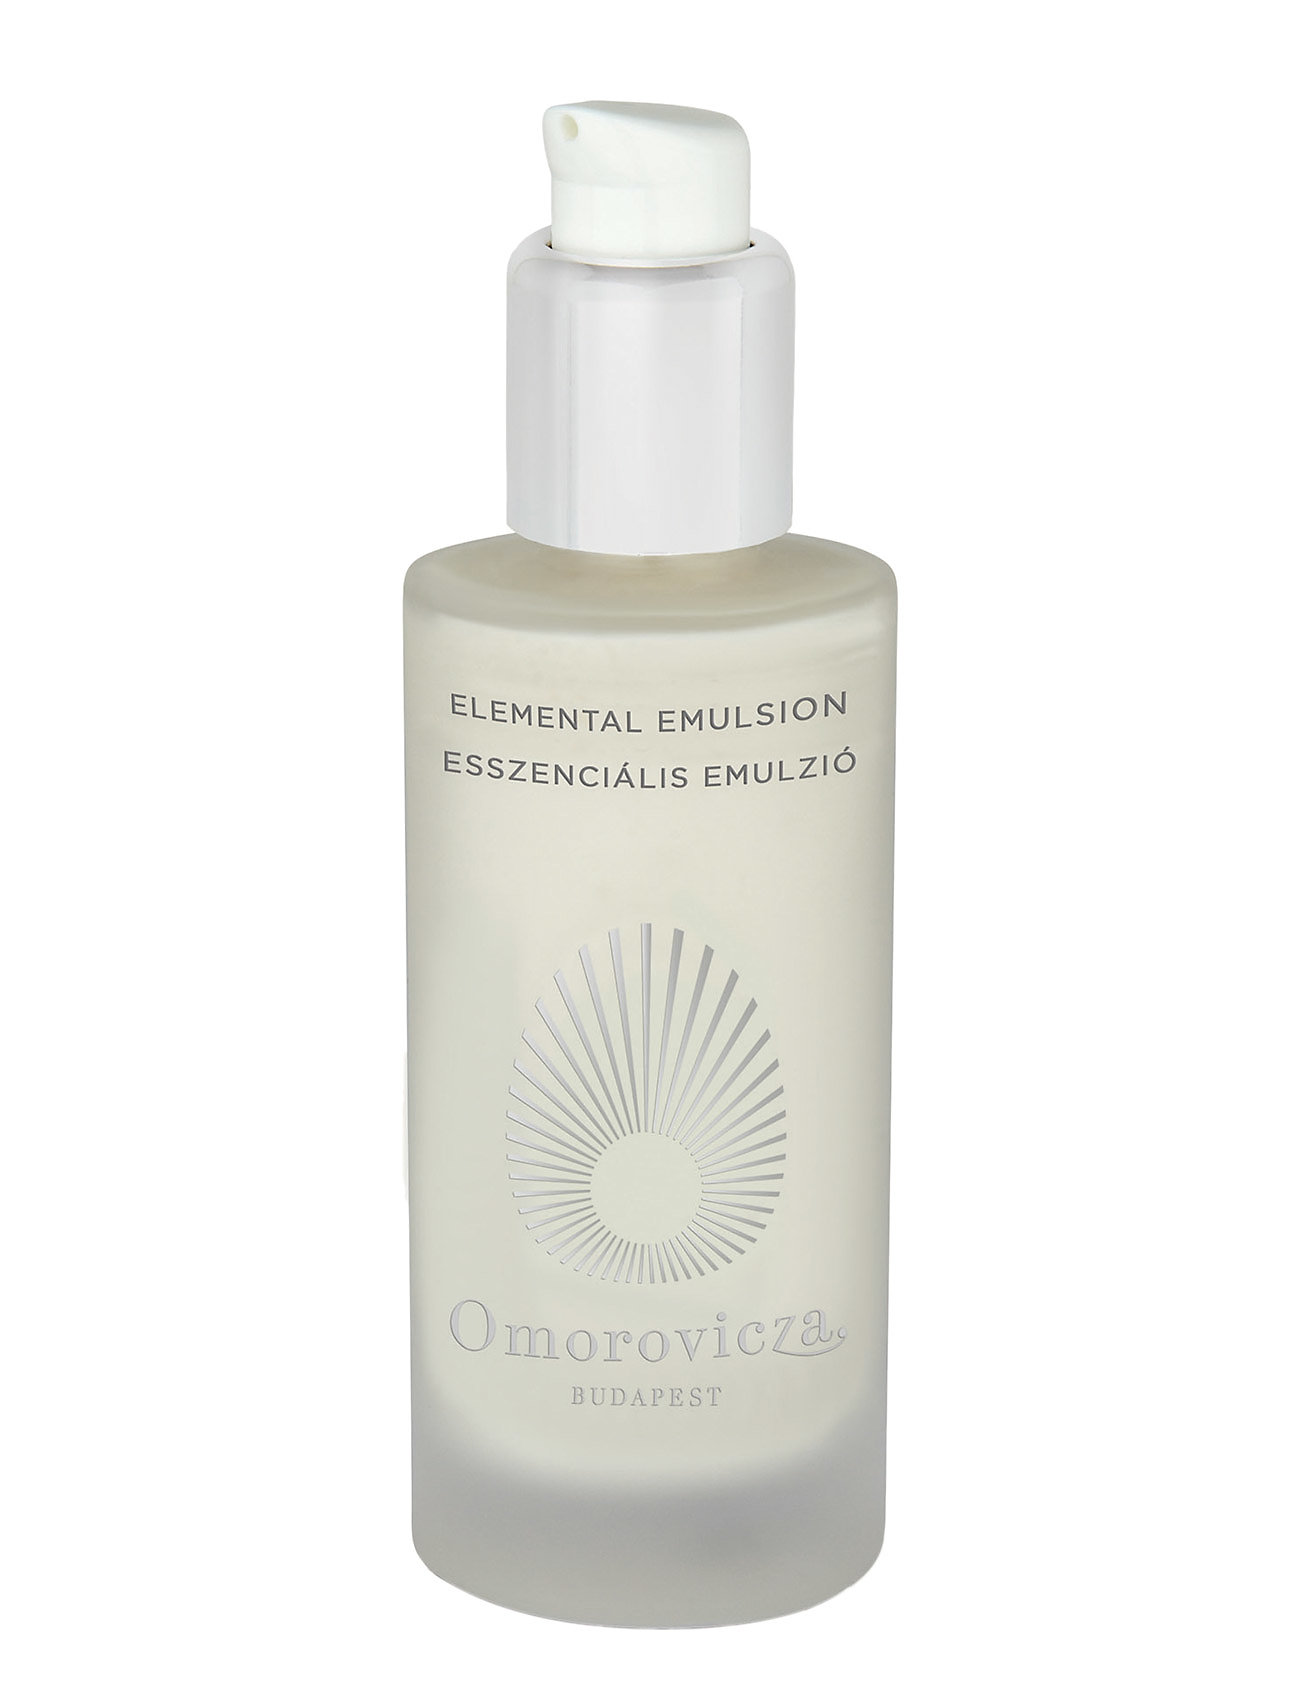 Omorovicza OMO Hydro M. Elemental Emulsion - CLEAR